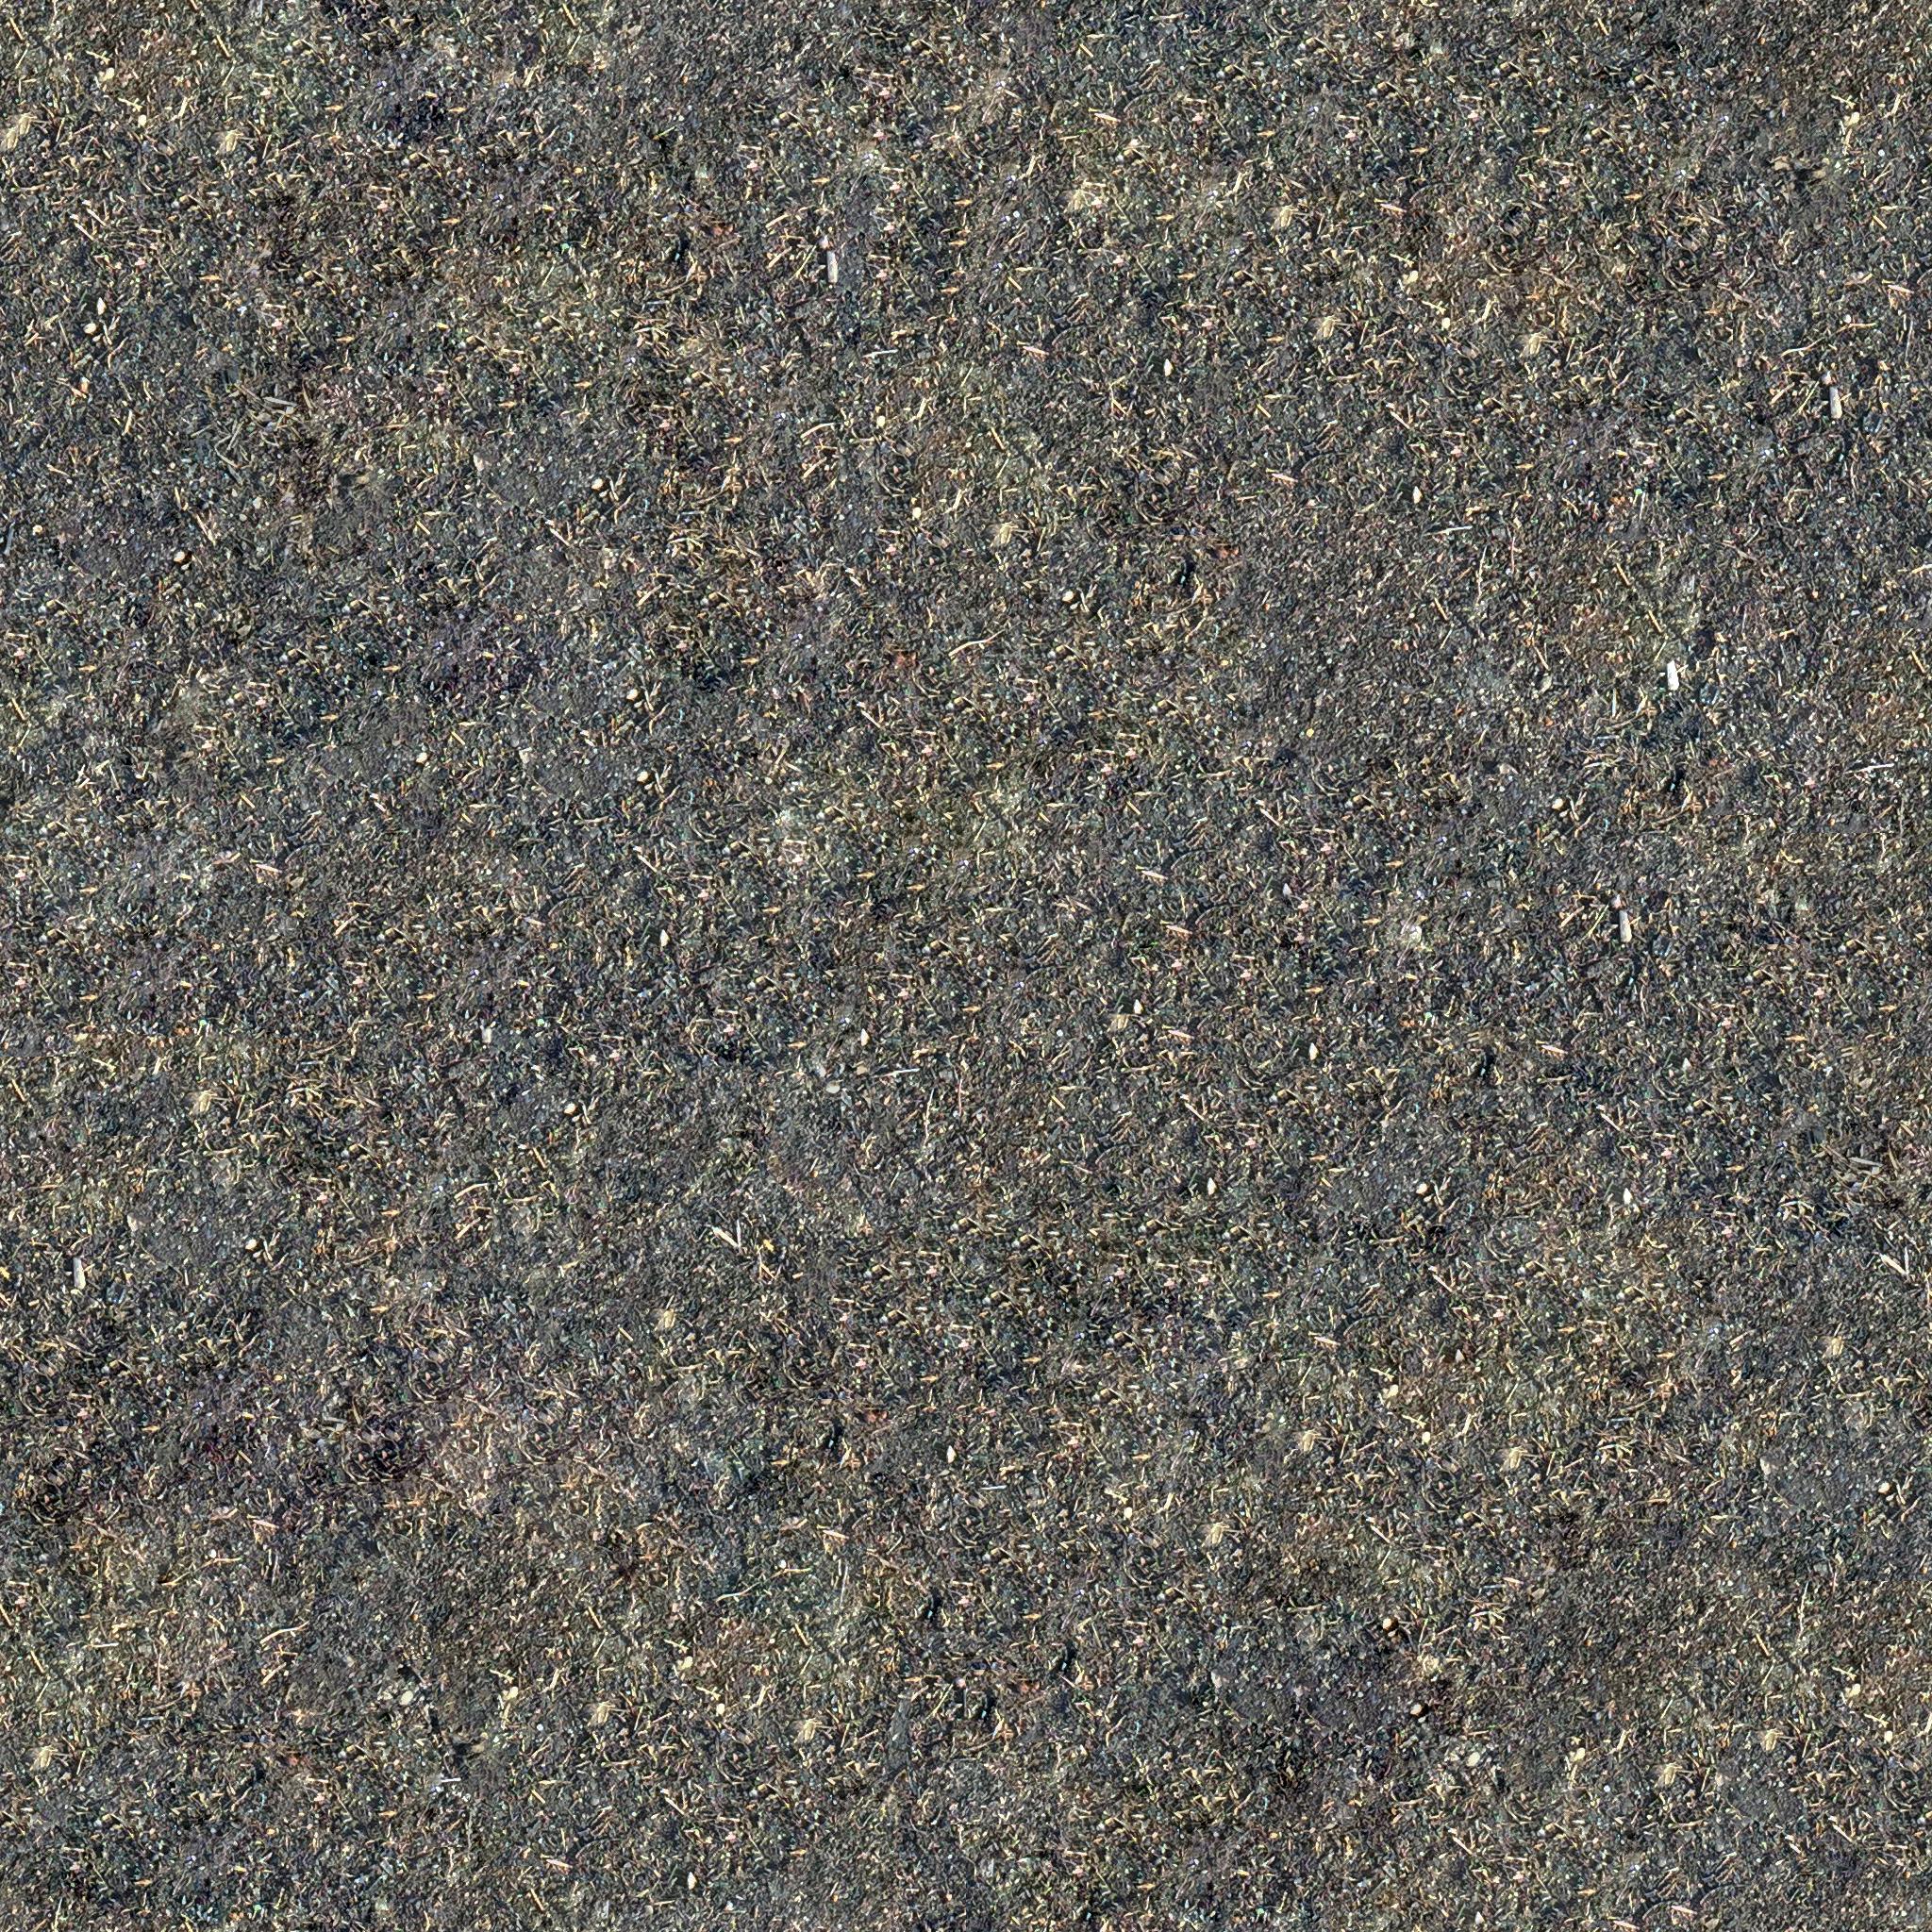 Dirt_01_v2.png